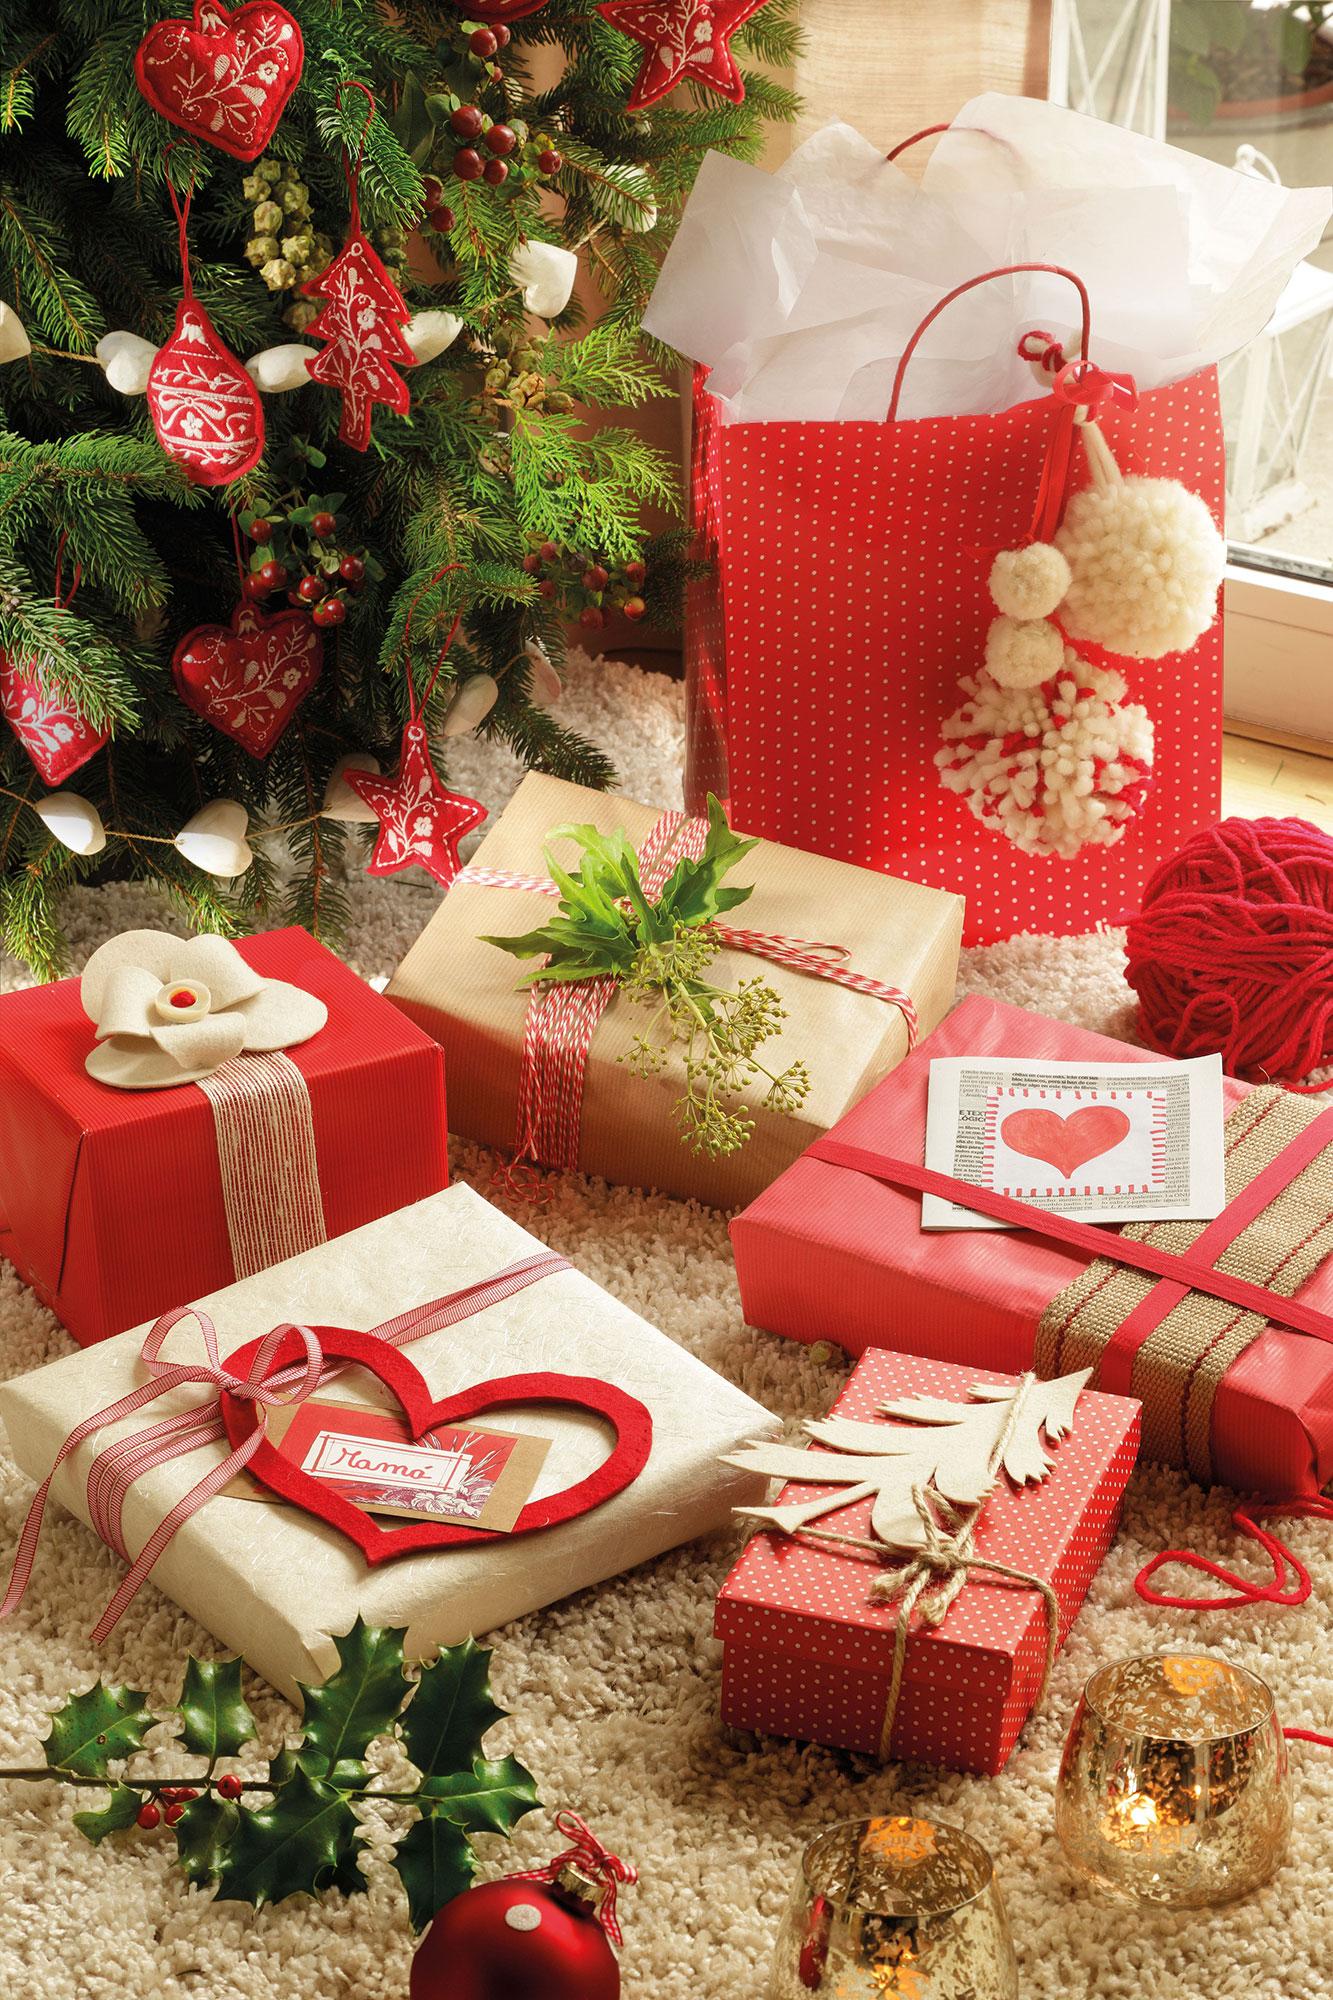 M s de 15 ideas para envolver los regalos por navidad - Arbol de navidad con regalos ...